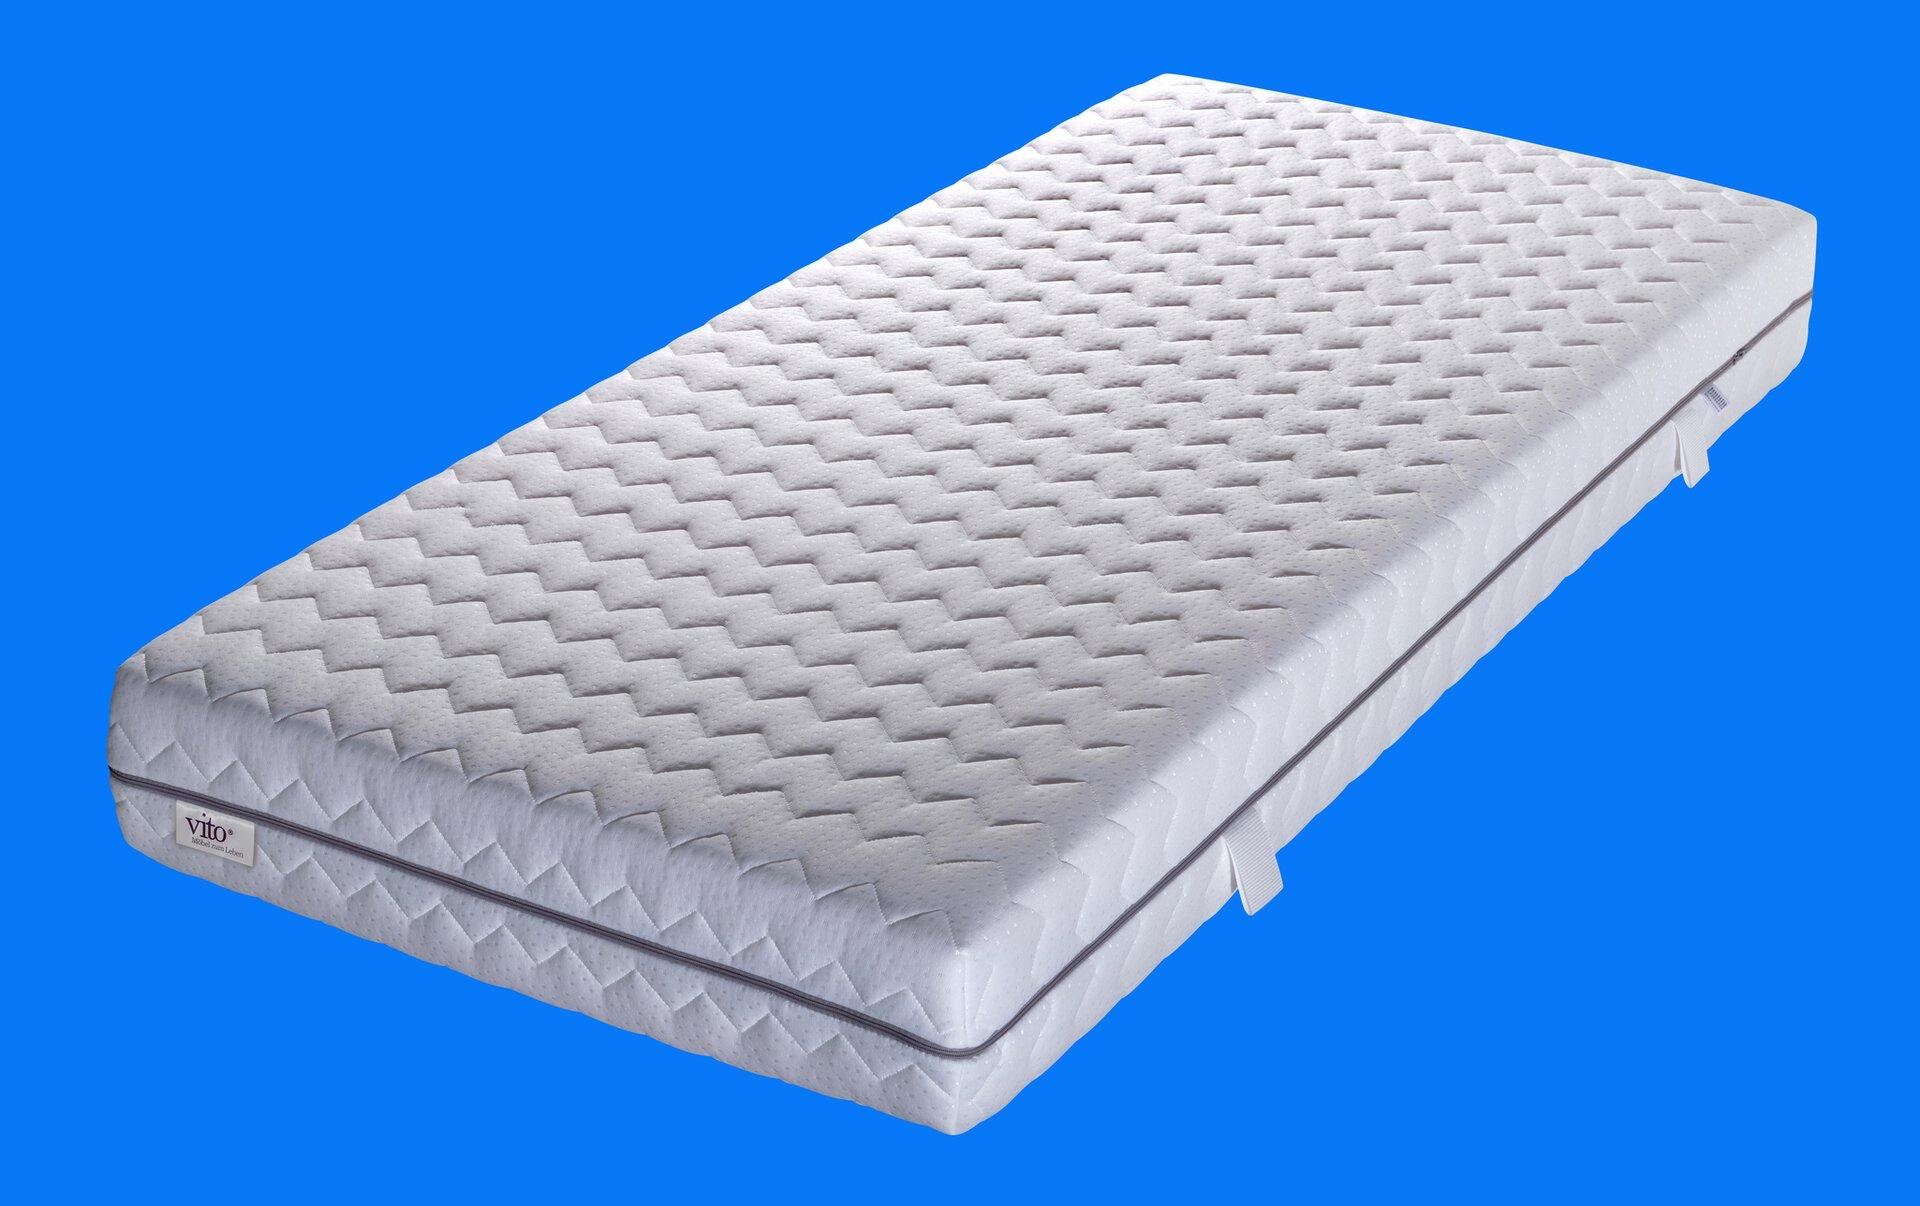 Komfortschaummatratze Sensio Perfect Vito Textil weiß 80 x 22 x 200 cm